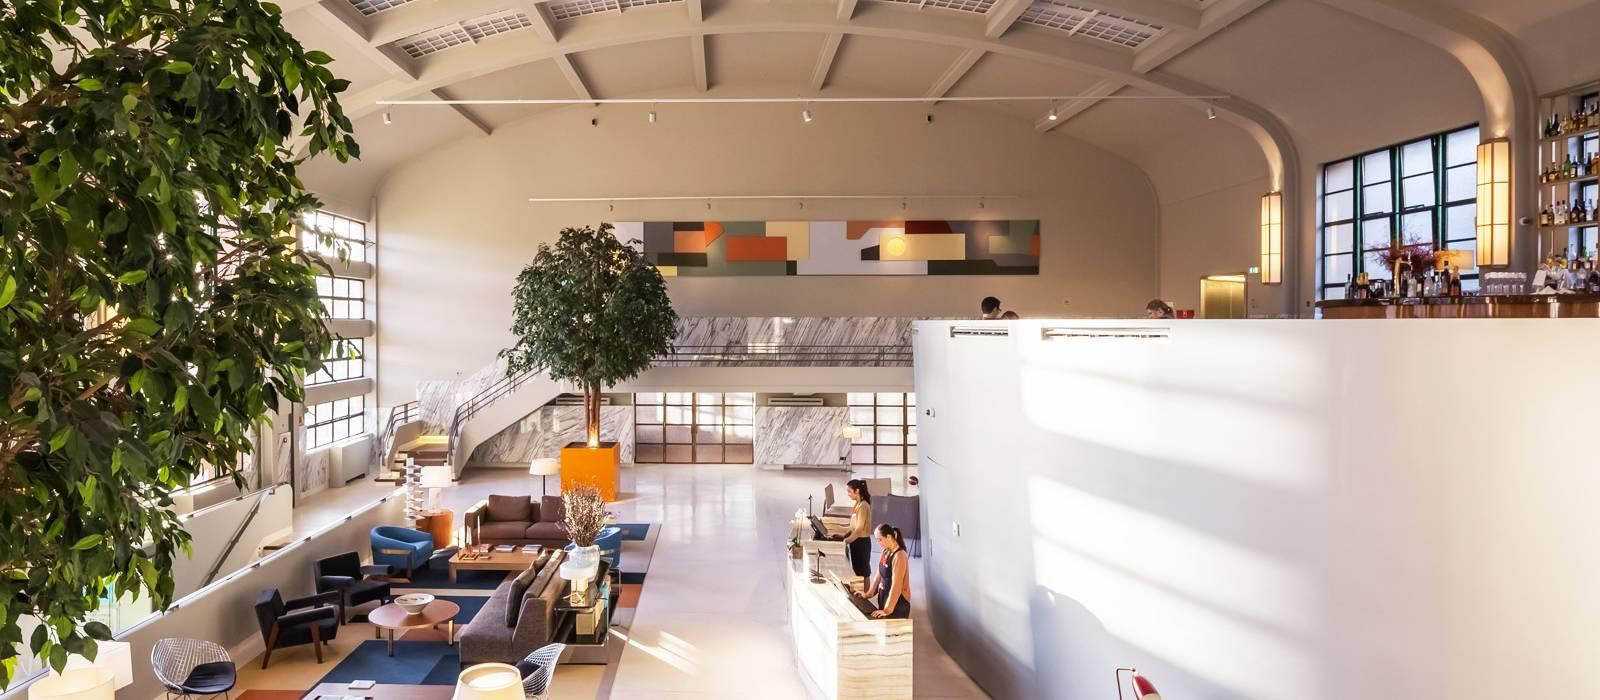 Angebote Hotel Vincci Porto - 4 Nächte Bleiben und sparen!